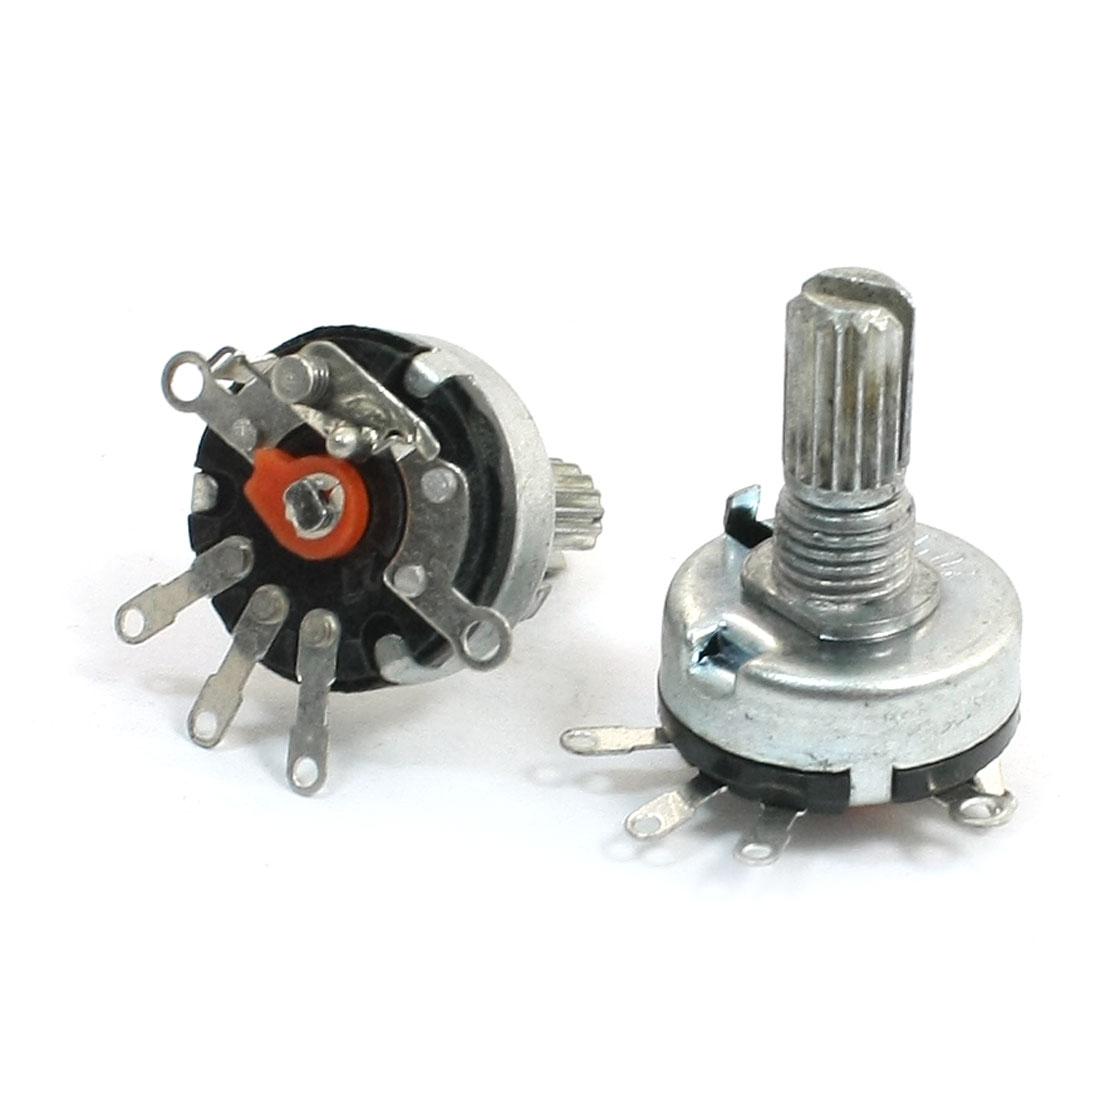 2pcs B50K 50K ohm 3 Terminals Variable Single Turn Taper Potentiometer